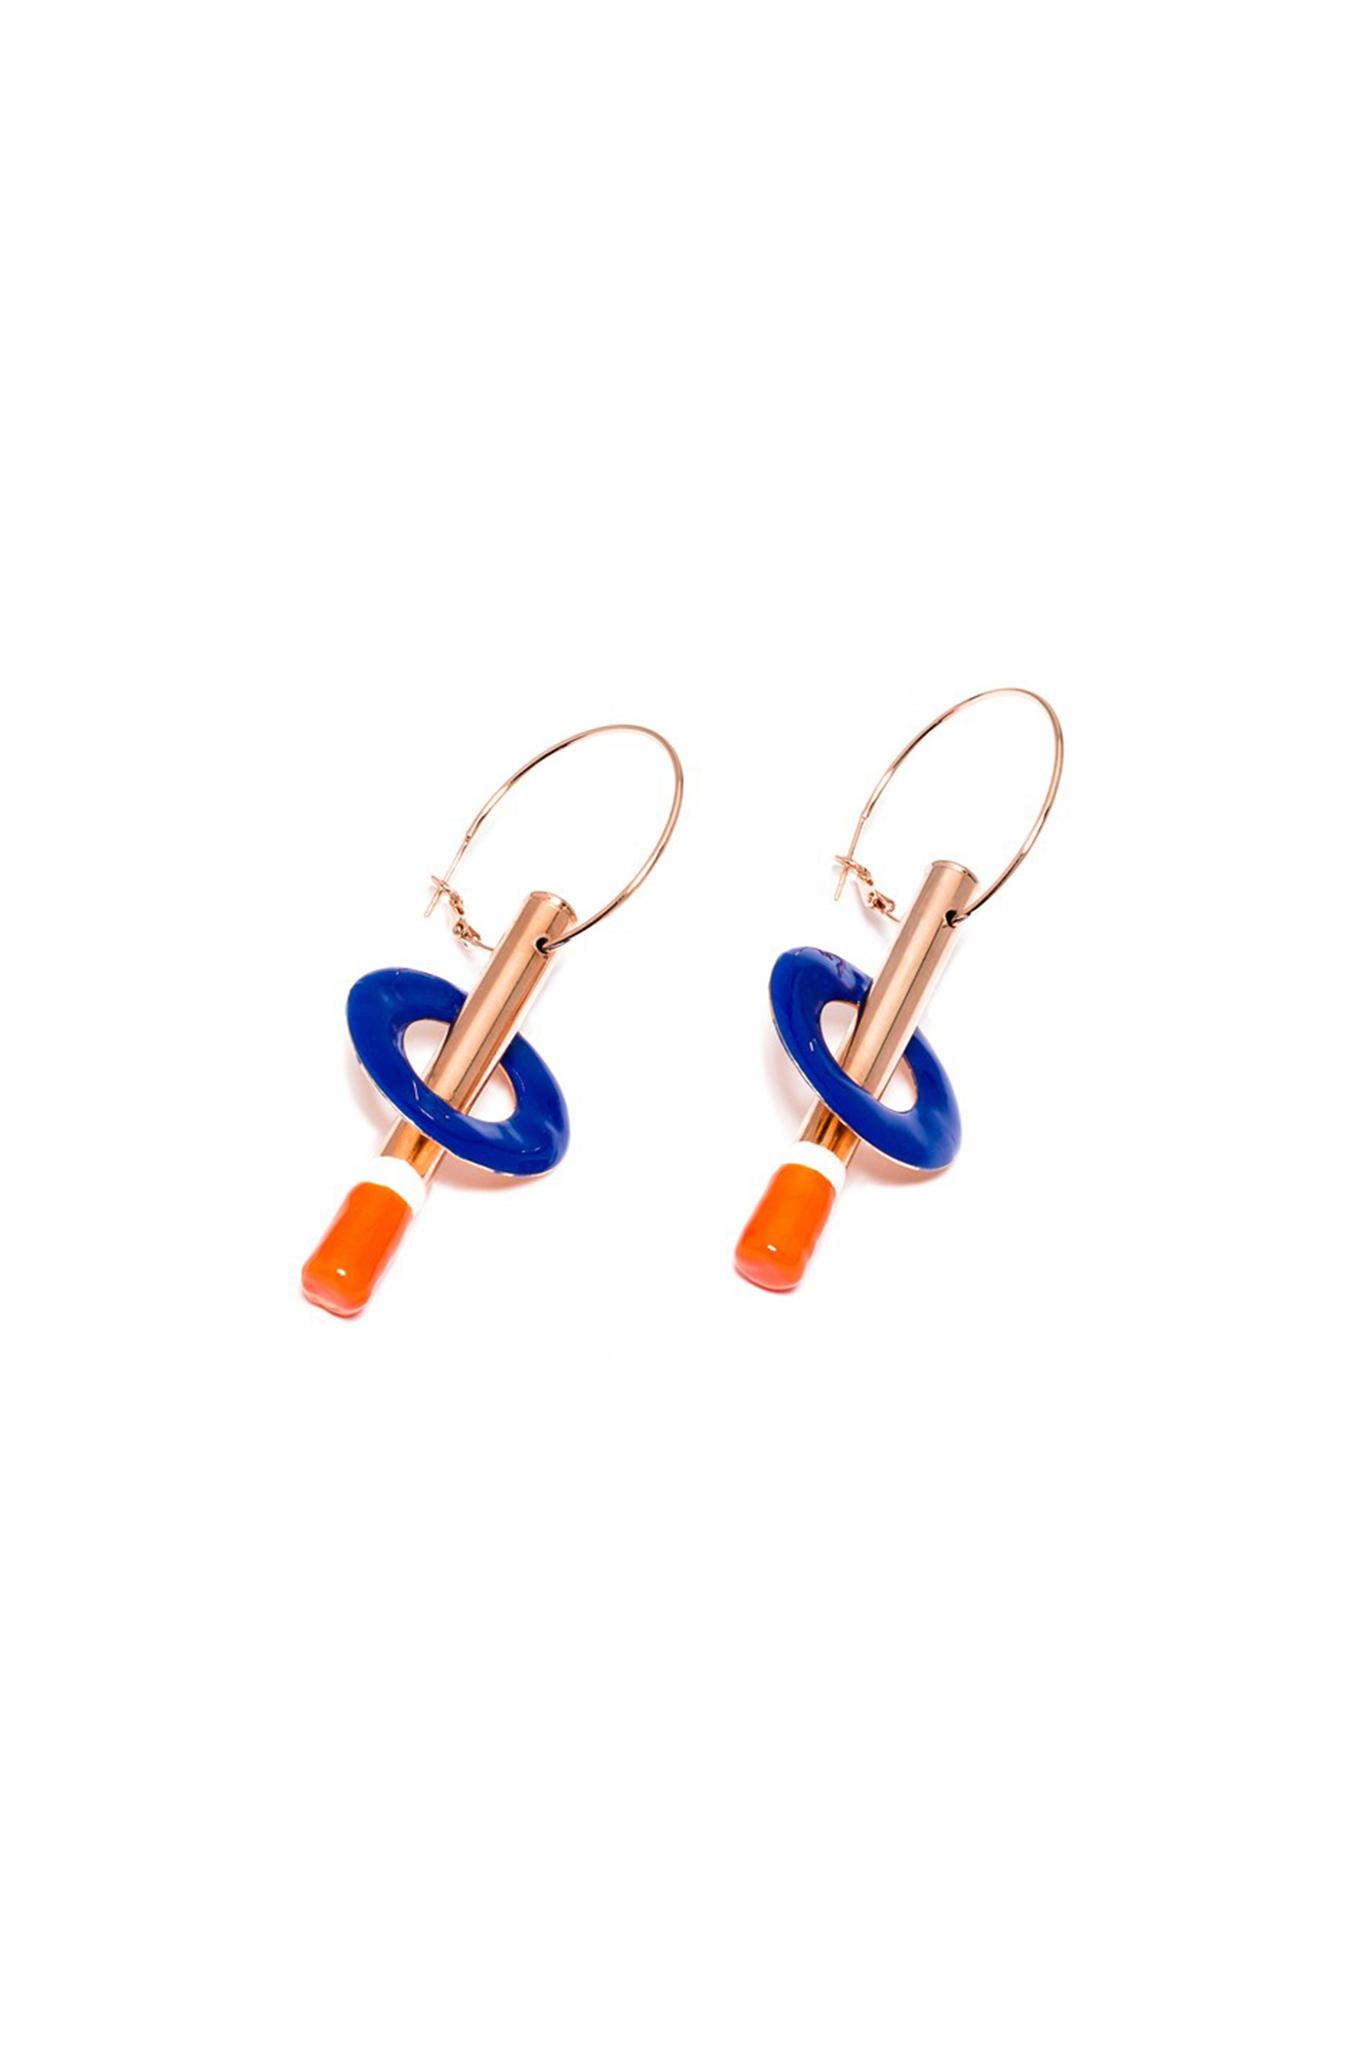 02-06-statement-earrings.jpg